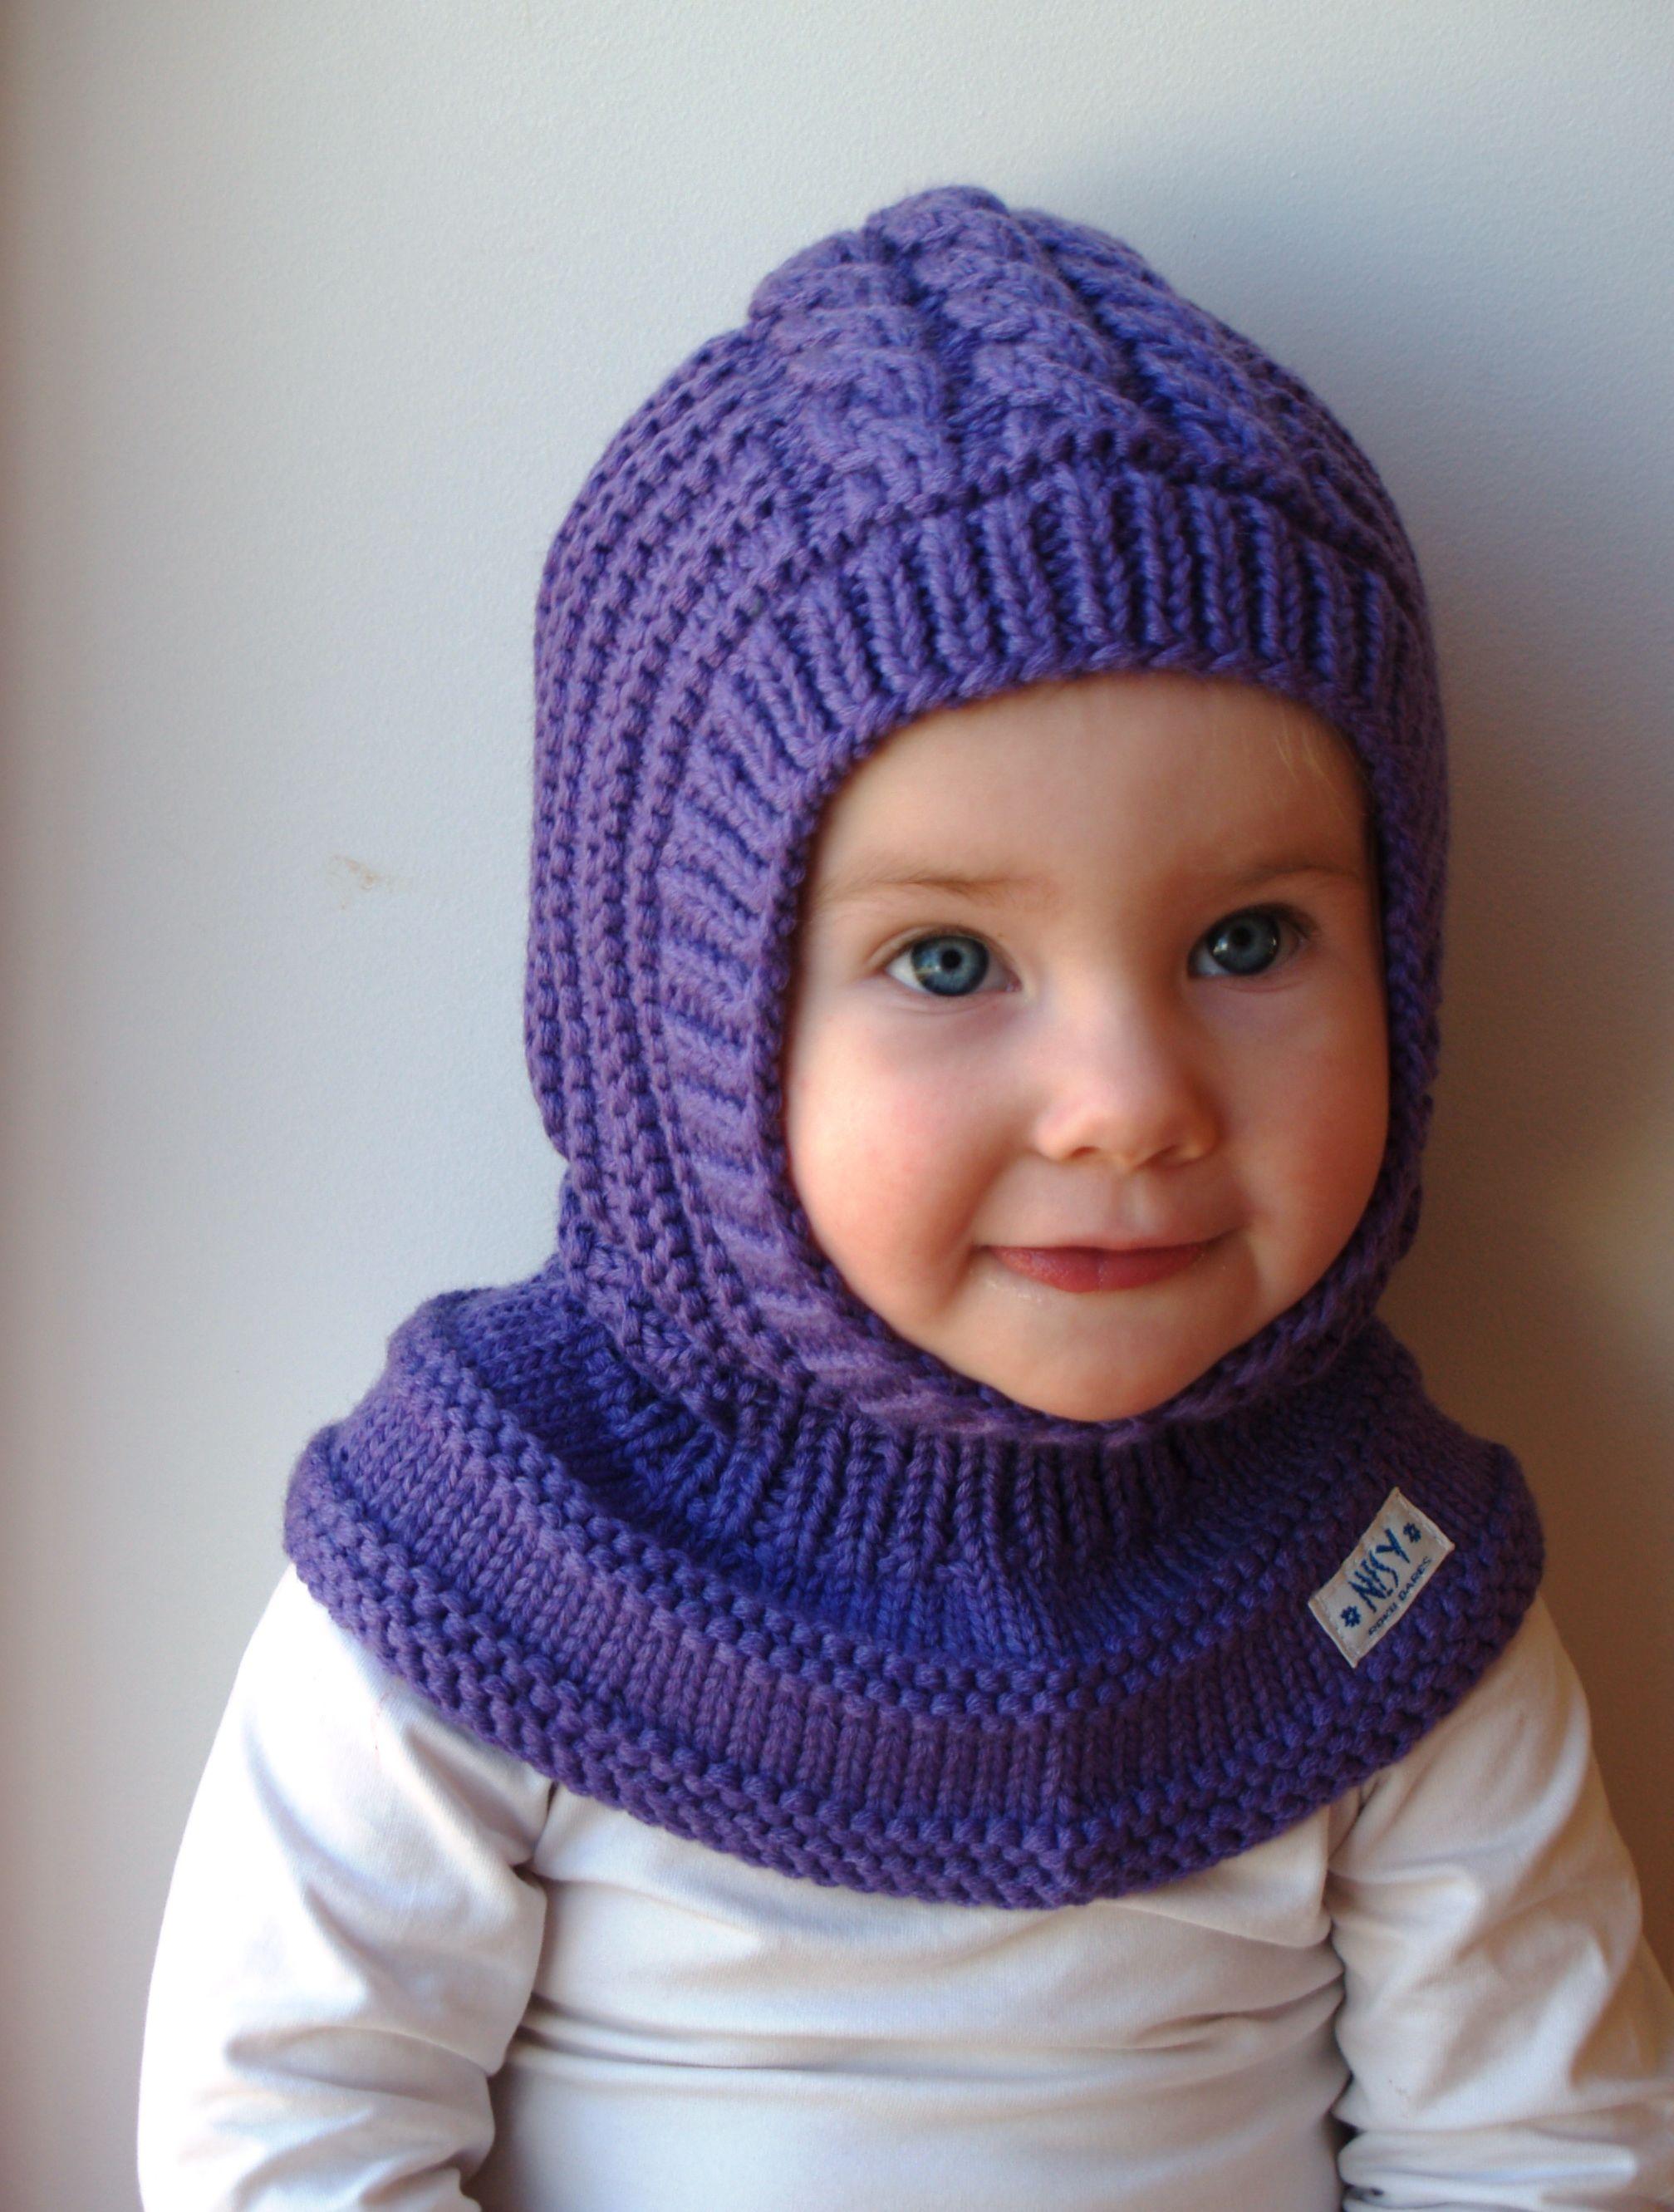 Merino Wool Balaclava Baby Toddler Children Hoodie Hat Purple Hat Purple Hats Baby Hats Baby Knitting